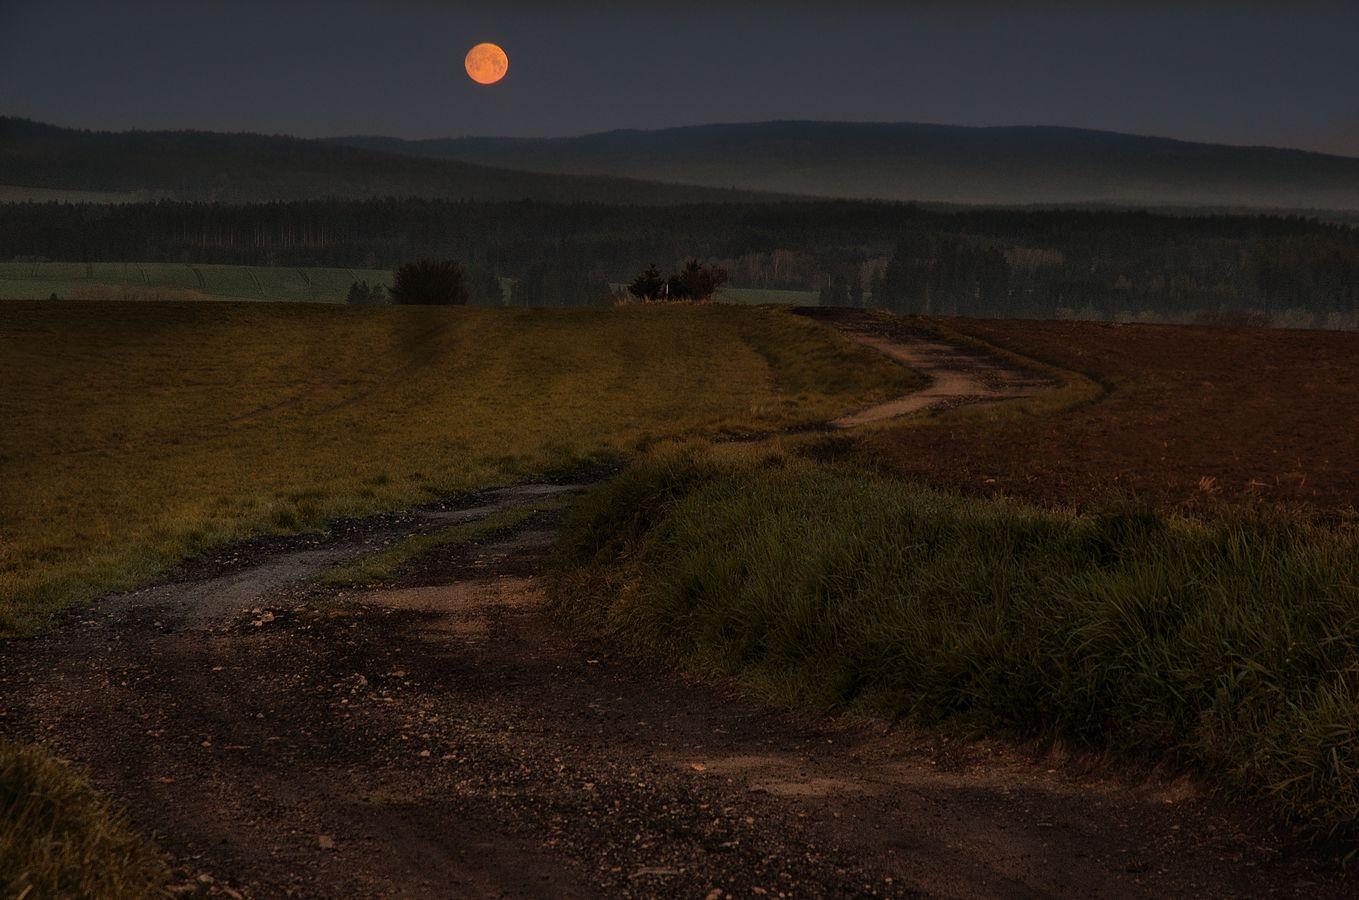 Když Měsíc zapadá